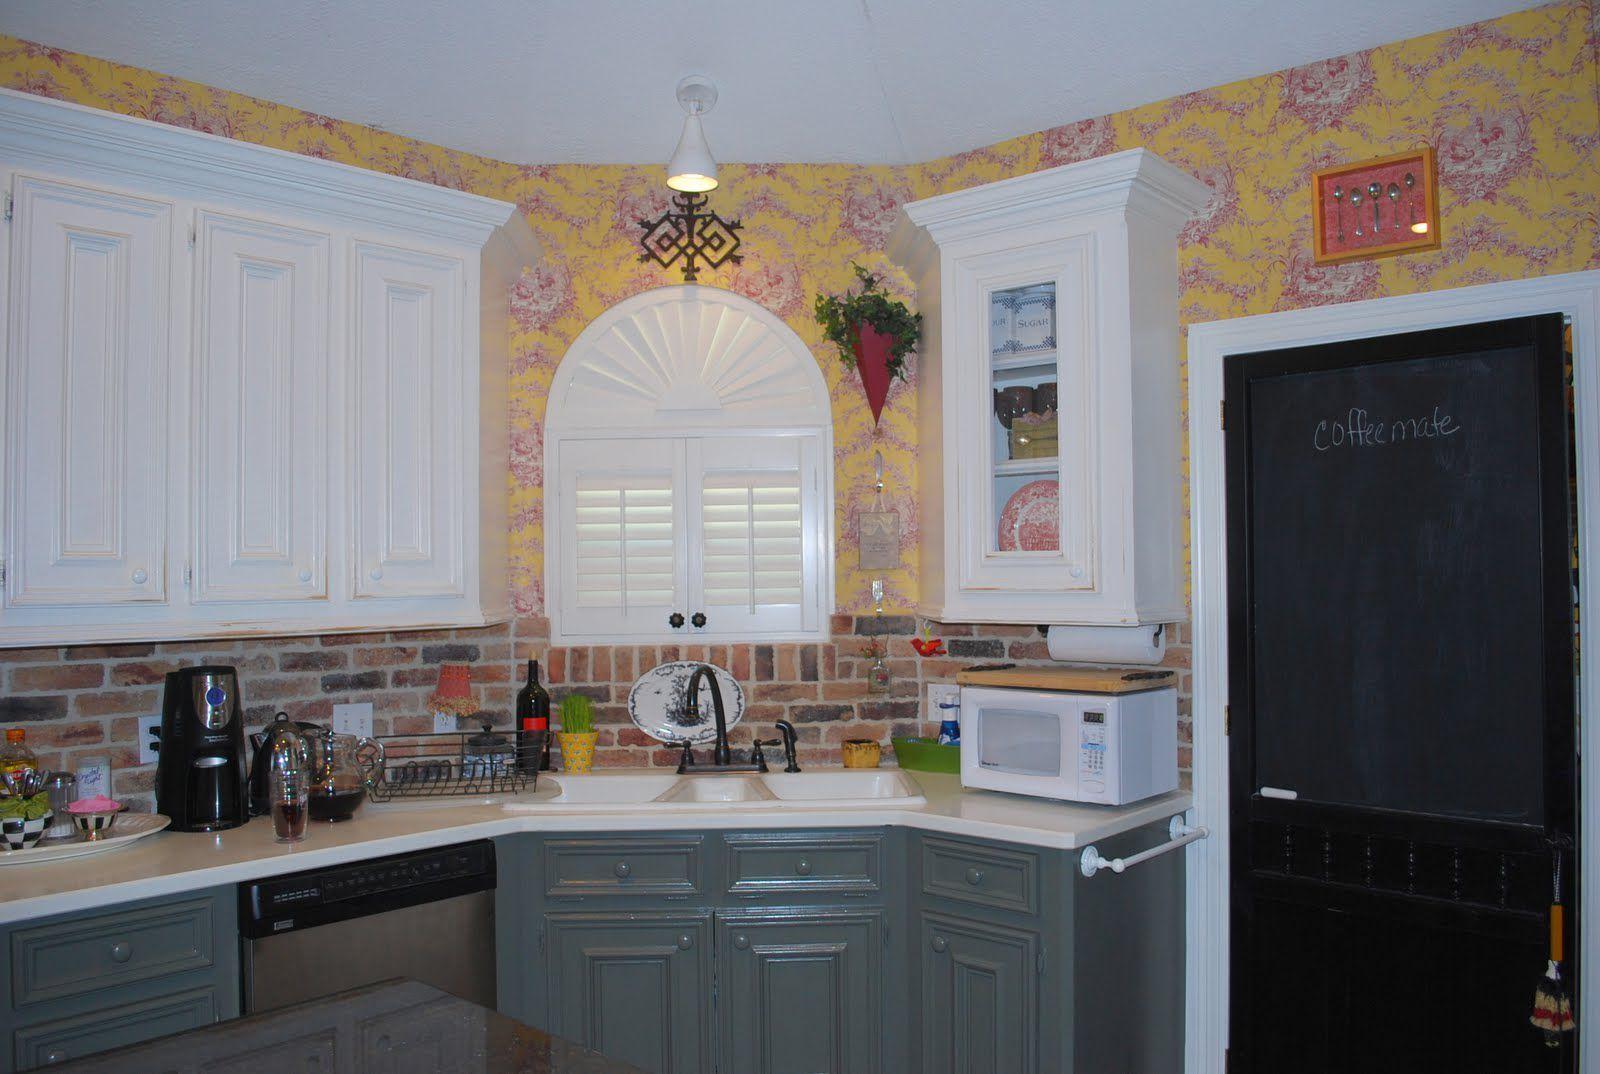 Küche interieur farbschemata  beängstigend küche kabinette dunkel unten weiß oben bild design